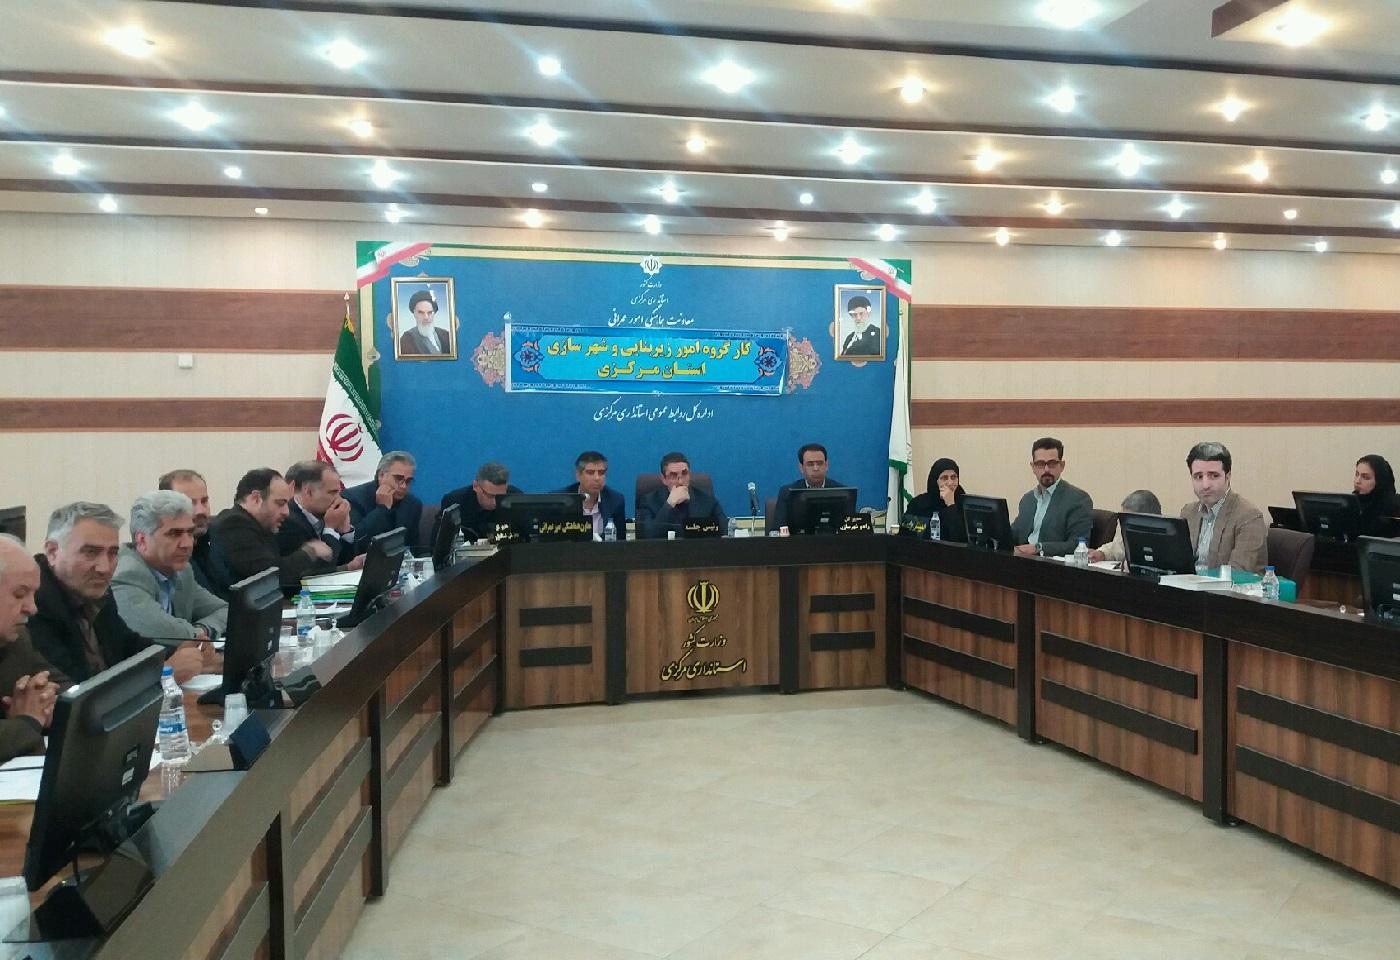 تصمیم گیری در باره طرحهای زیربنایی و توسعه استان مرکزی